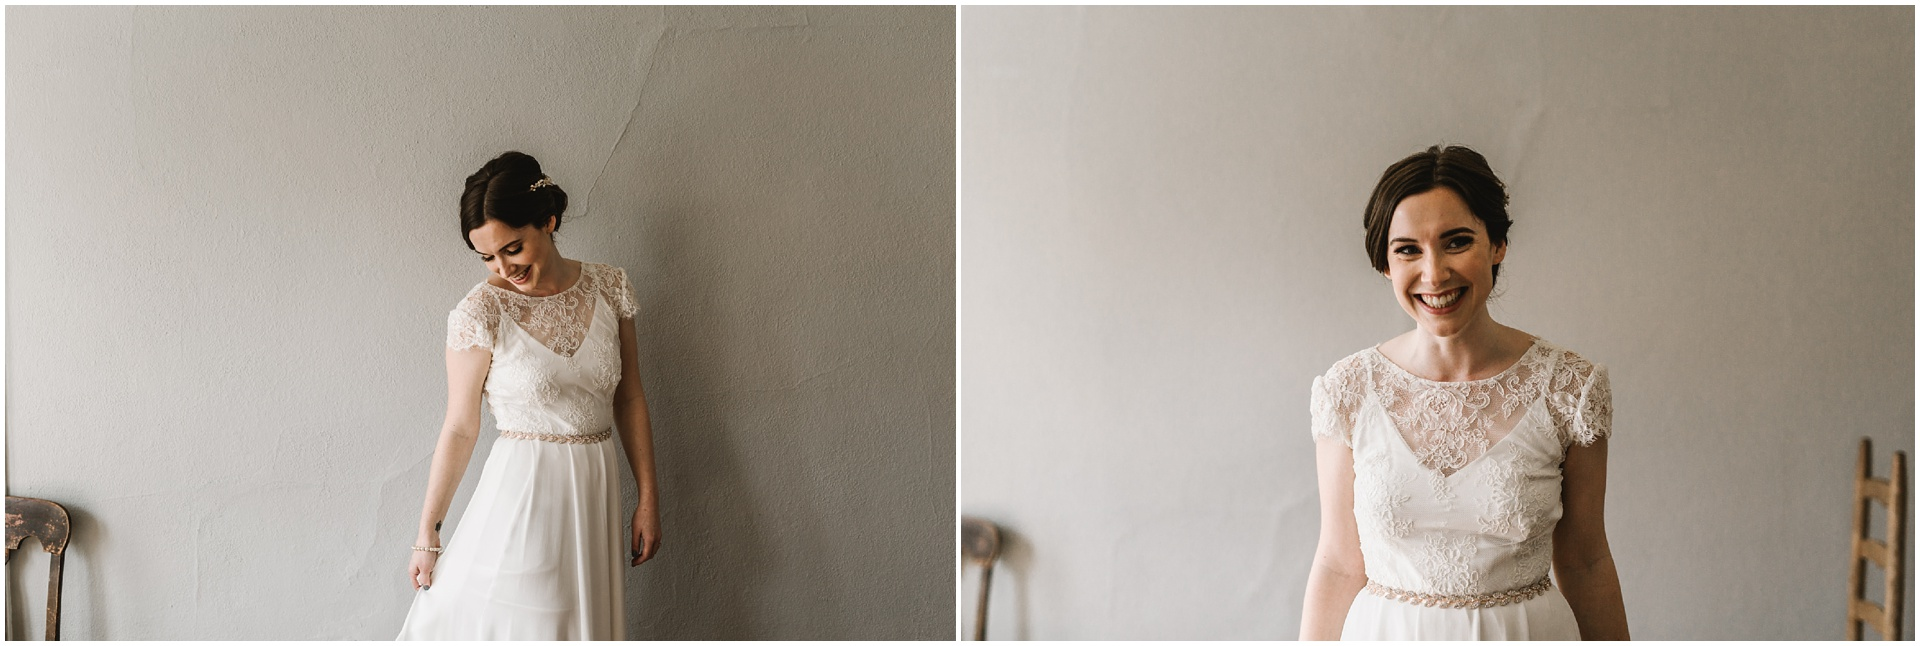 Intimate Portland Oregon wedding photographed by Jess Hunter, stylish air bnb in Portland for bride getting ready, Elder Hall wedding in Portland, Sarah Seven wedding dress, Anthropologie wedding